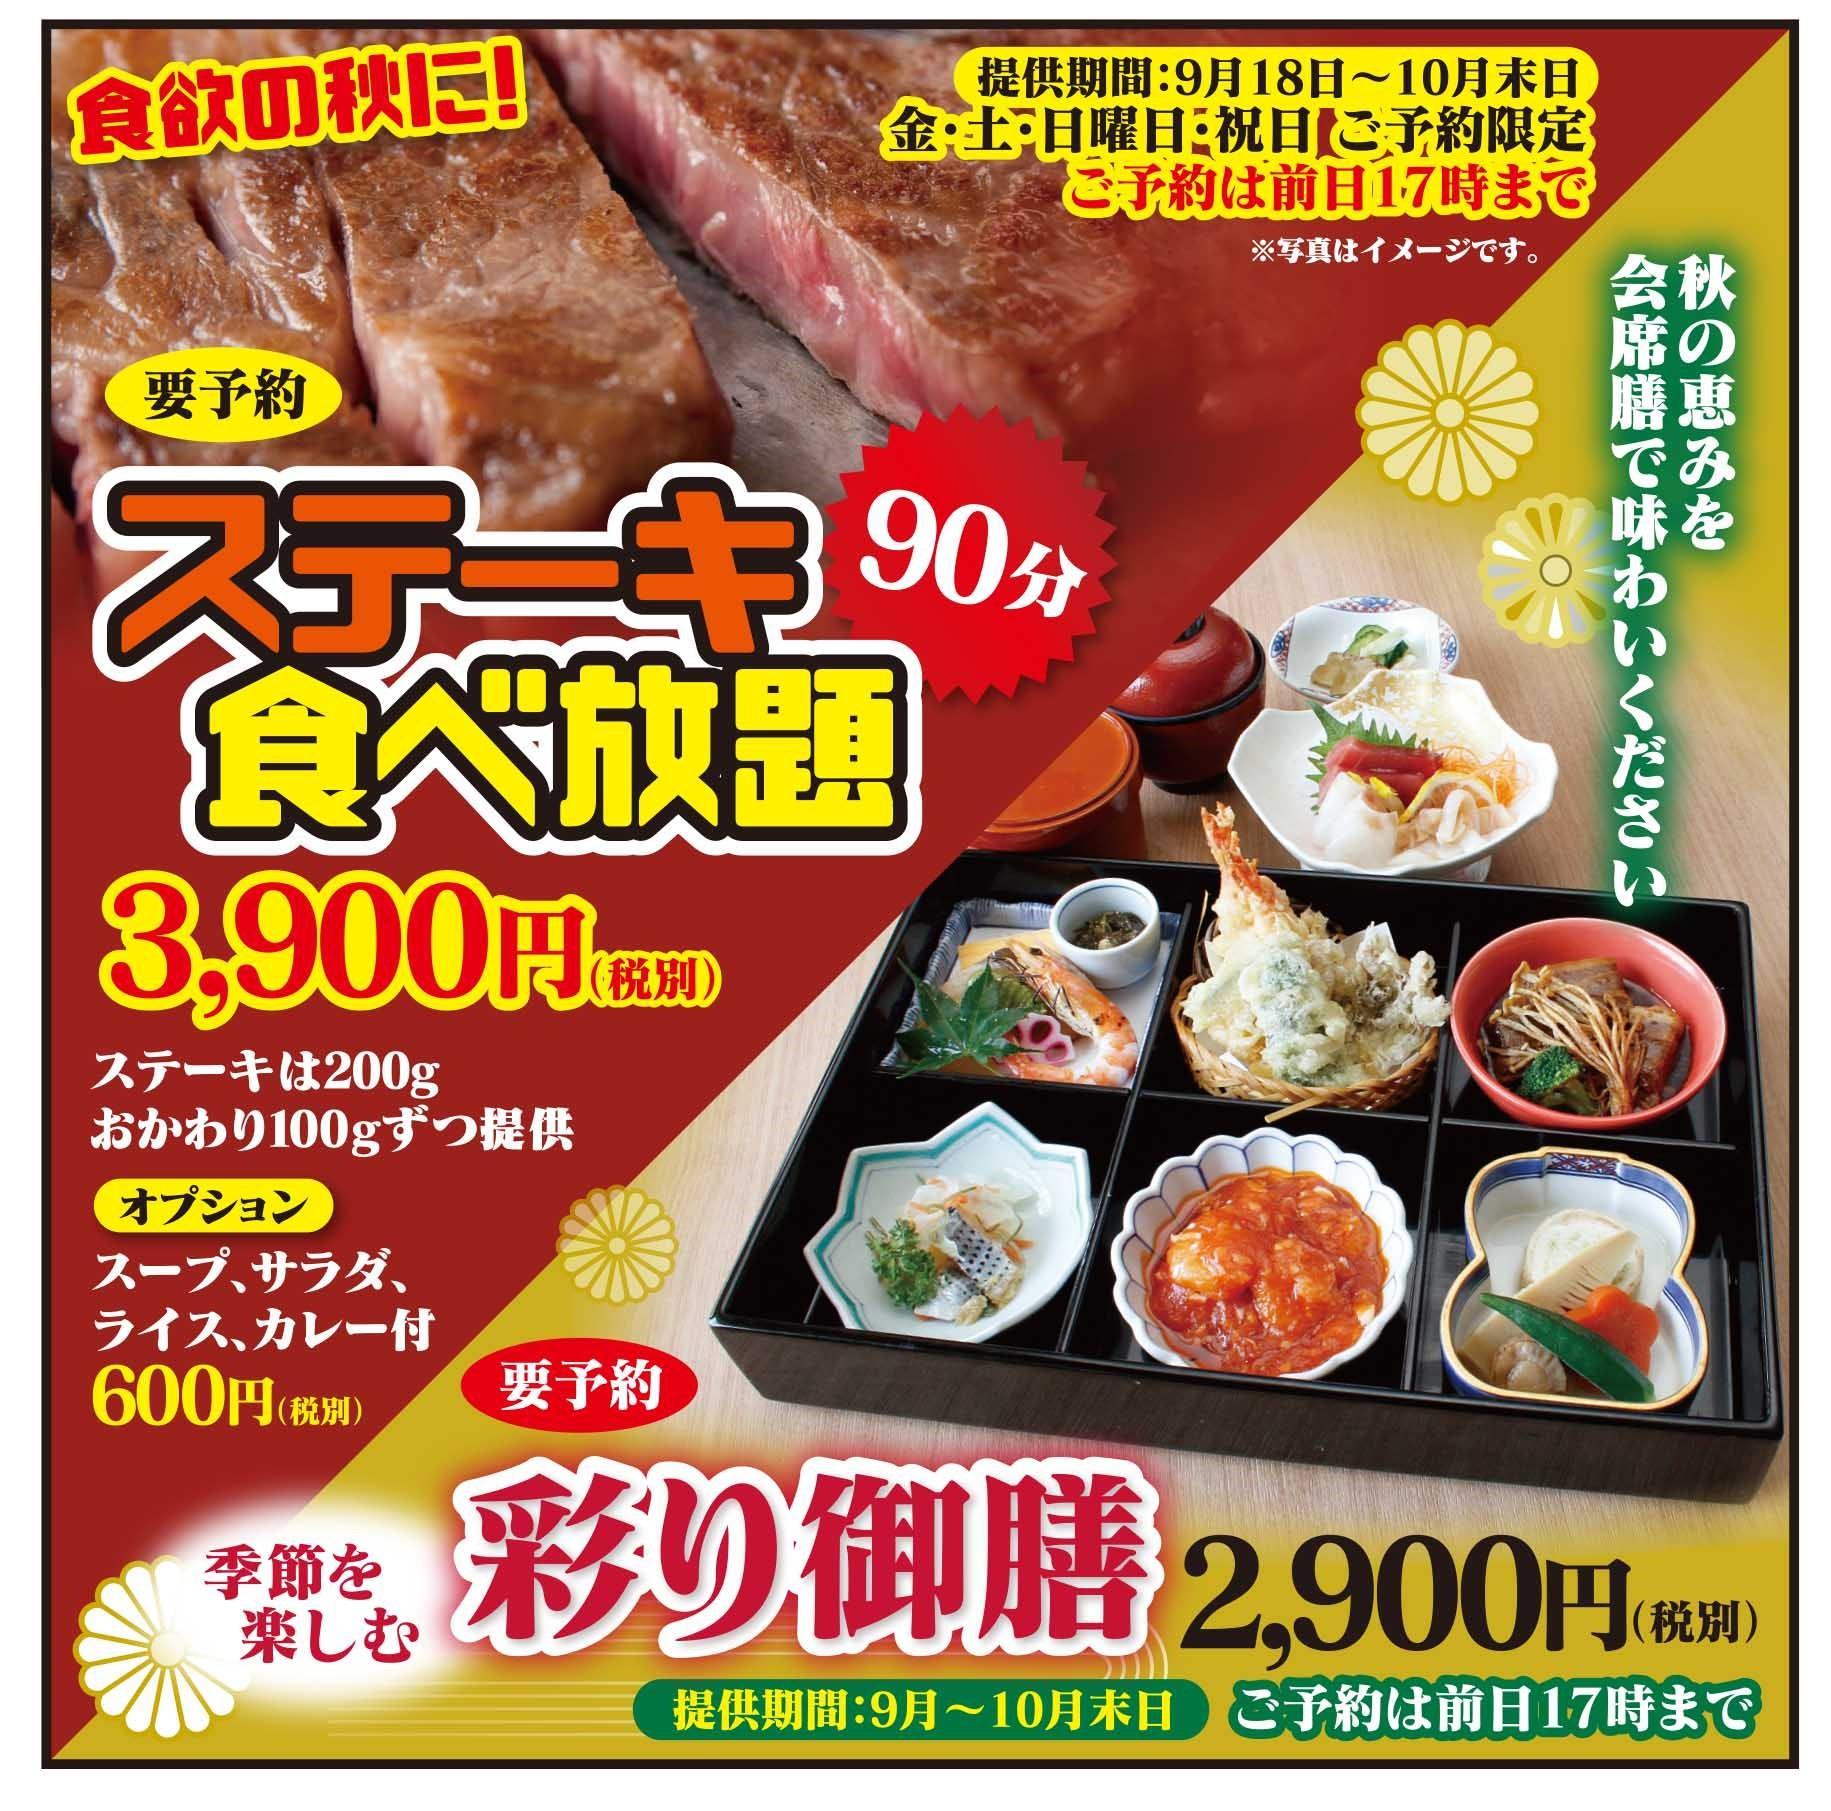 『ステーキ食べ放題』と『彩り御膳』のご案内